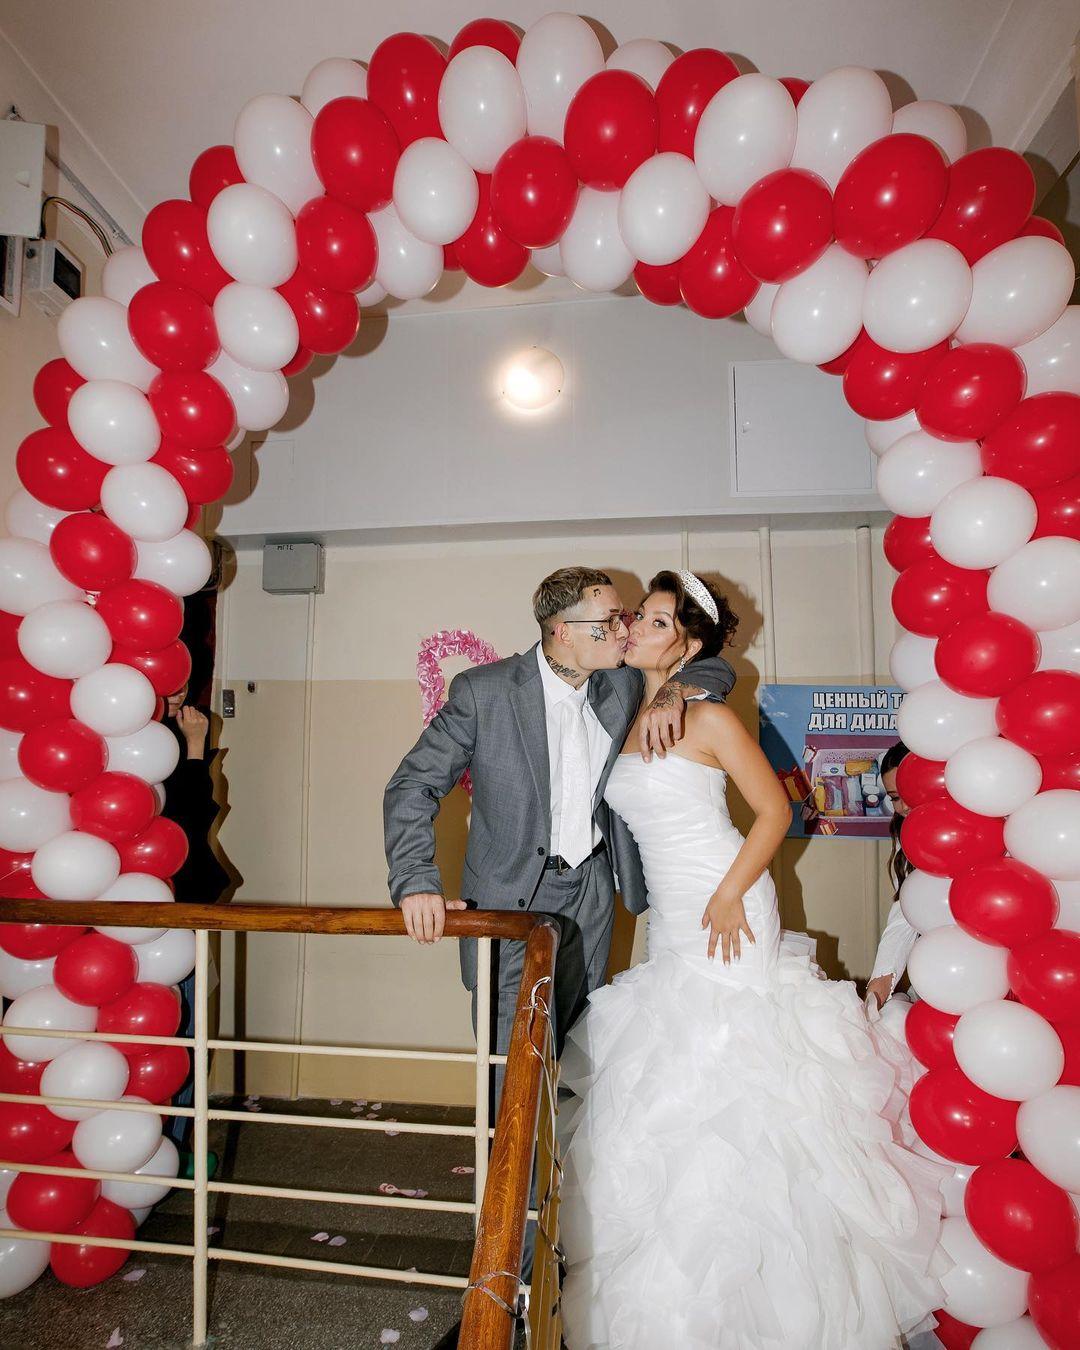 Моргенштерн опубликовал фотографии второй части своей отвязной свадьбы